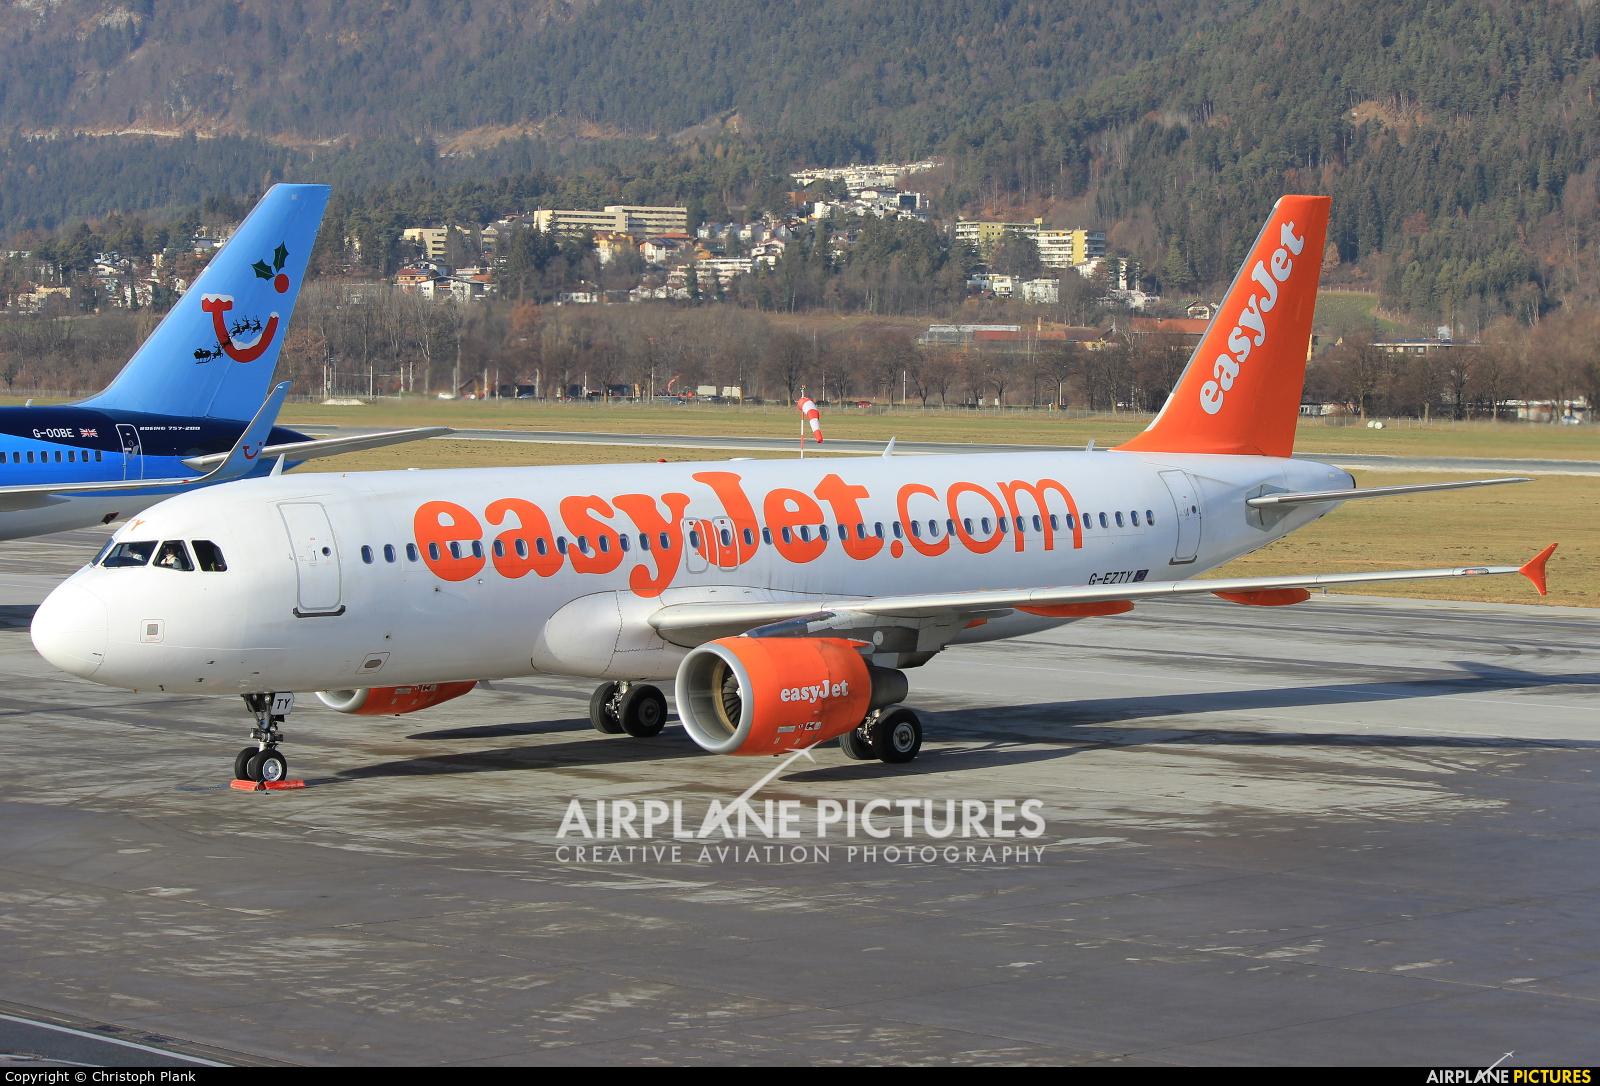 easyJet G-EZTY aircraft at Innsbruck